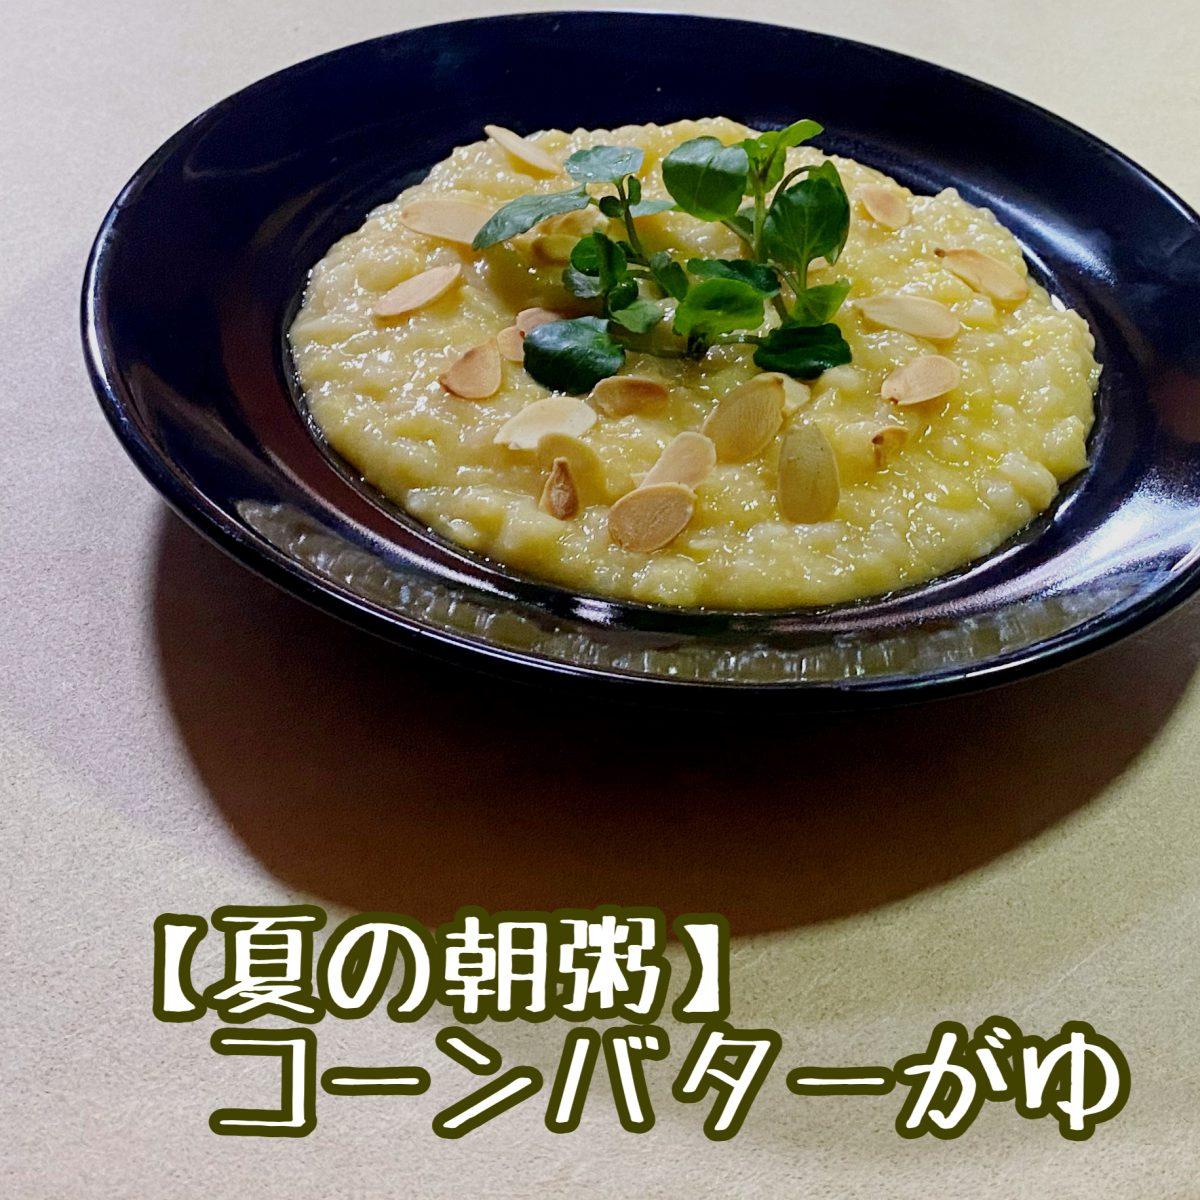 【夏の朝粥】コーンバター粥